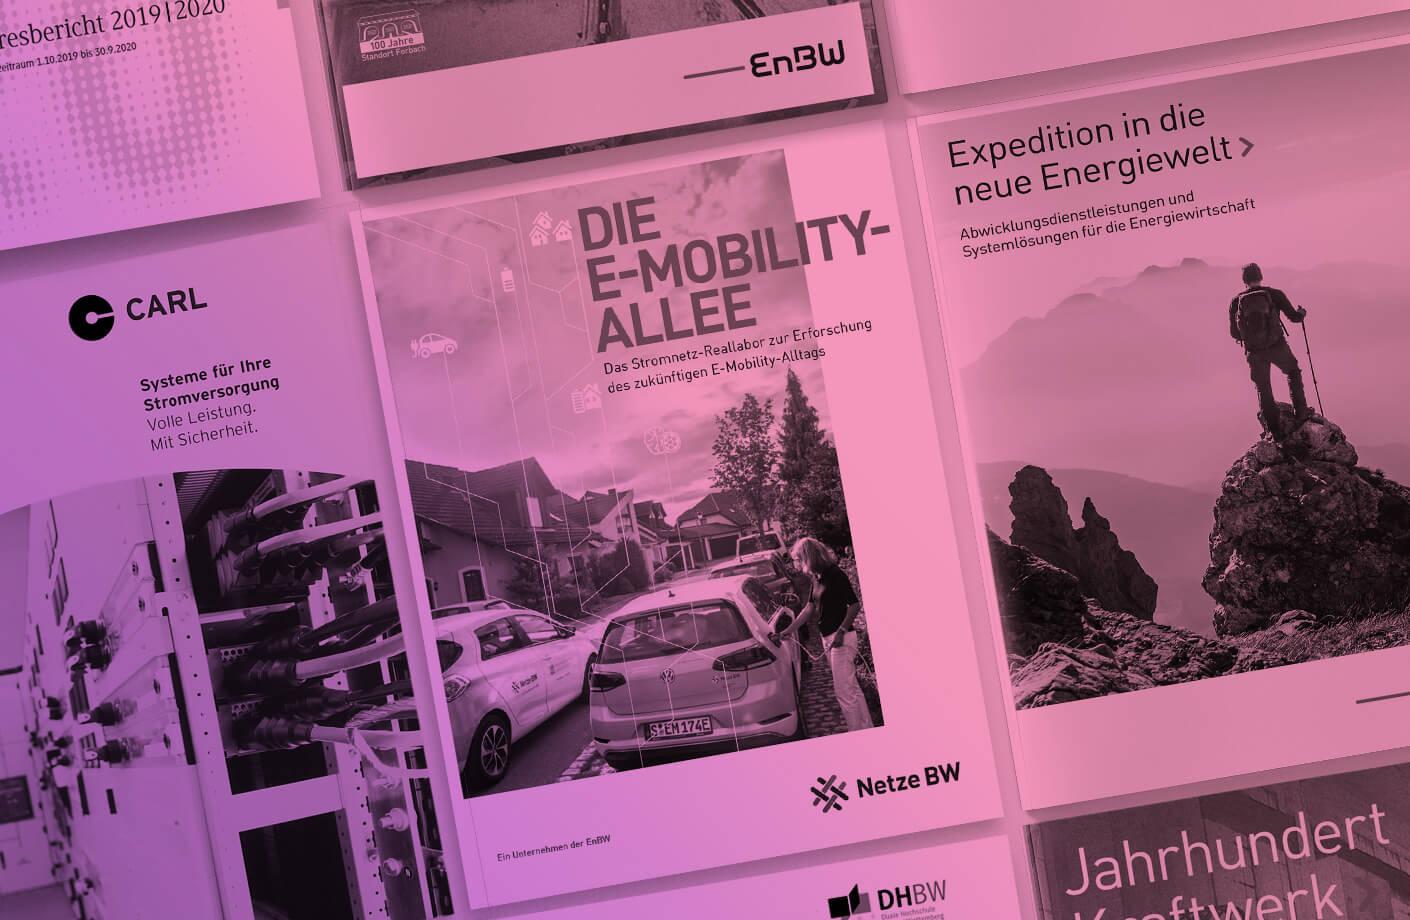 Bild von Broschüren von EnBW und Netze BW als Beispiel für Printprodukte durch Agentur